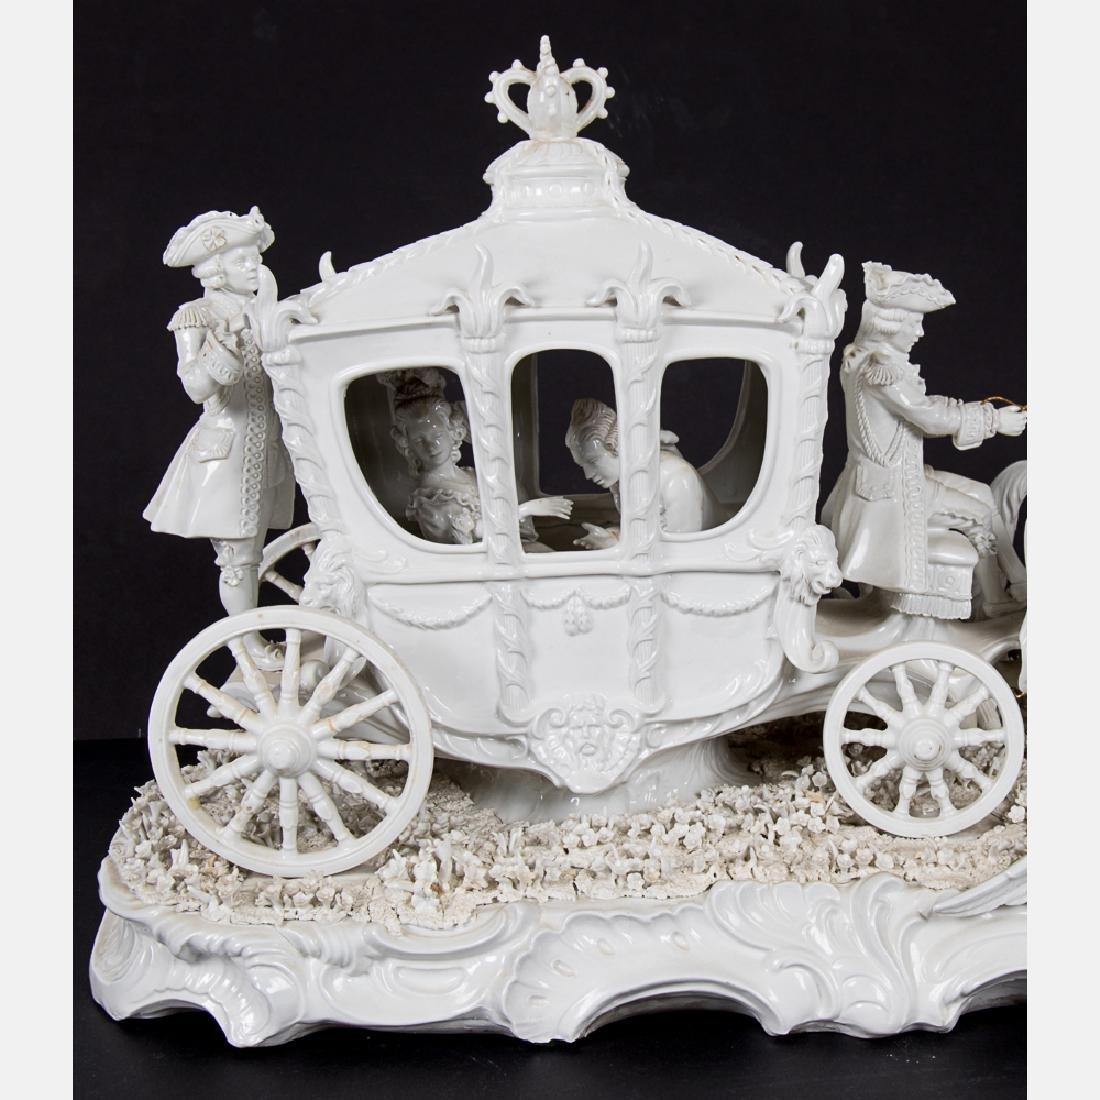 A Sitzendorf Blanc de Chine Porcelain Horse Drawn - 3